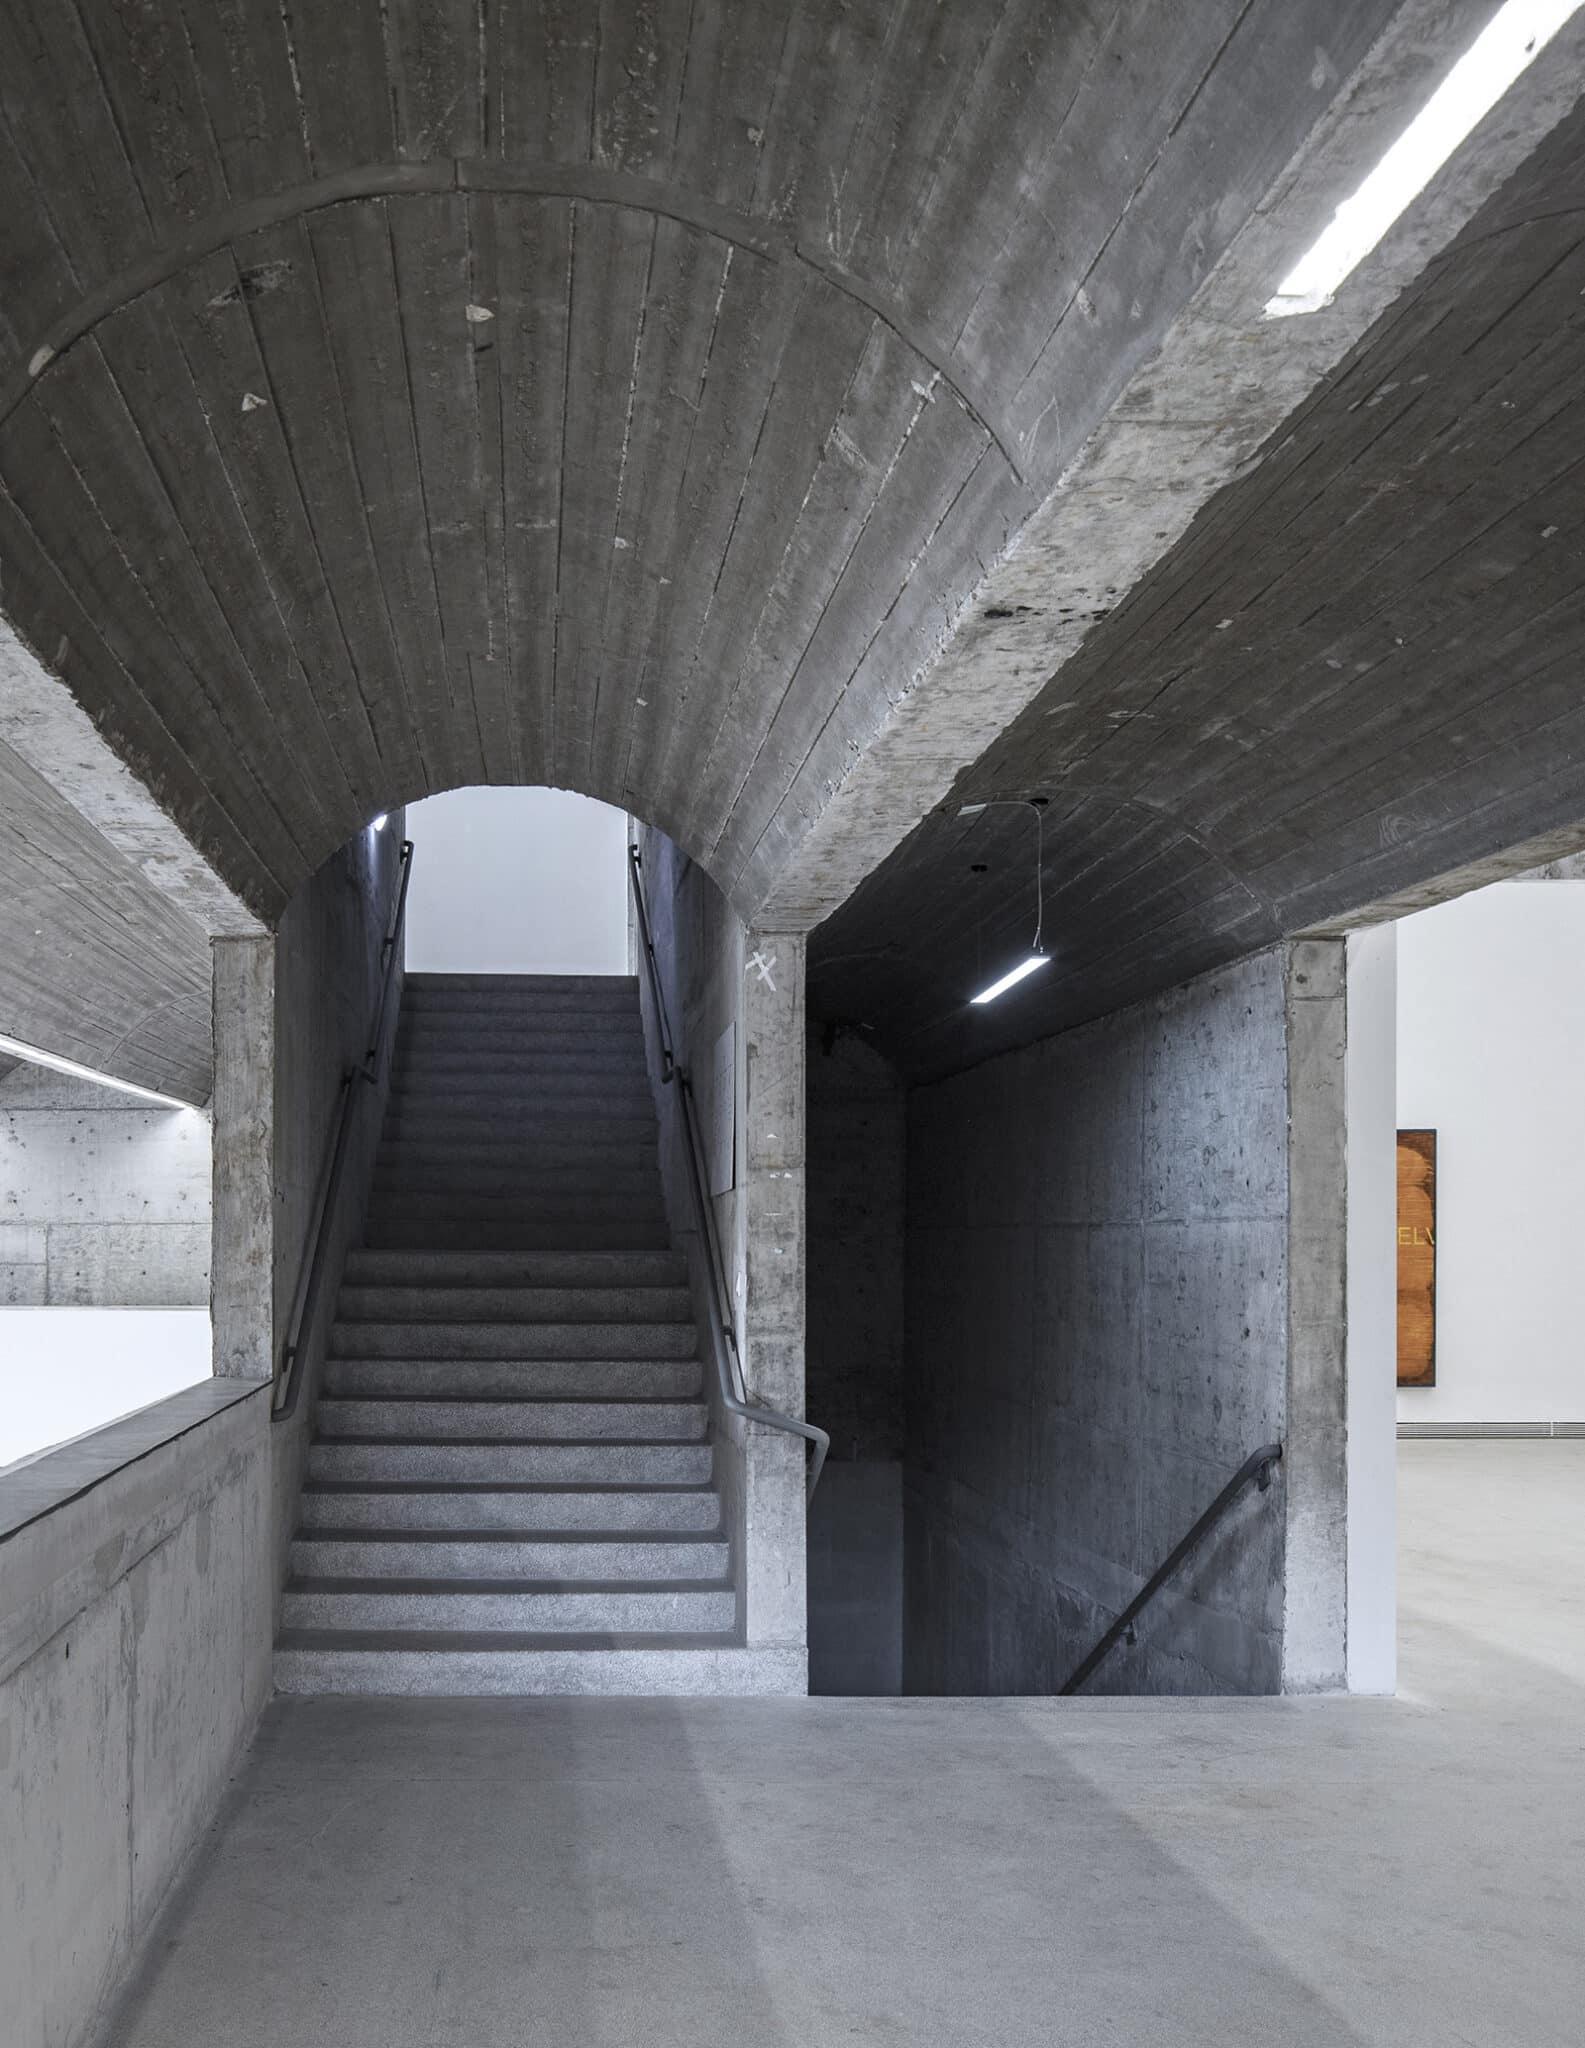 Taizhou Contemporary Art Museum  - 5.3 45